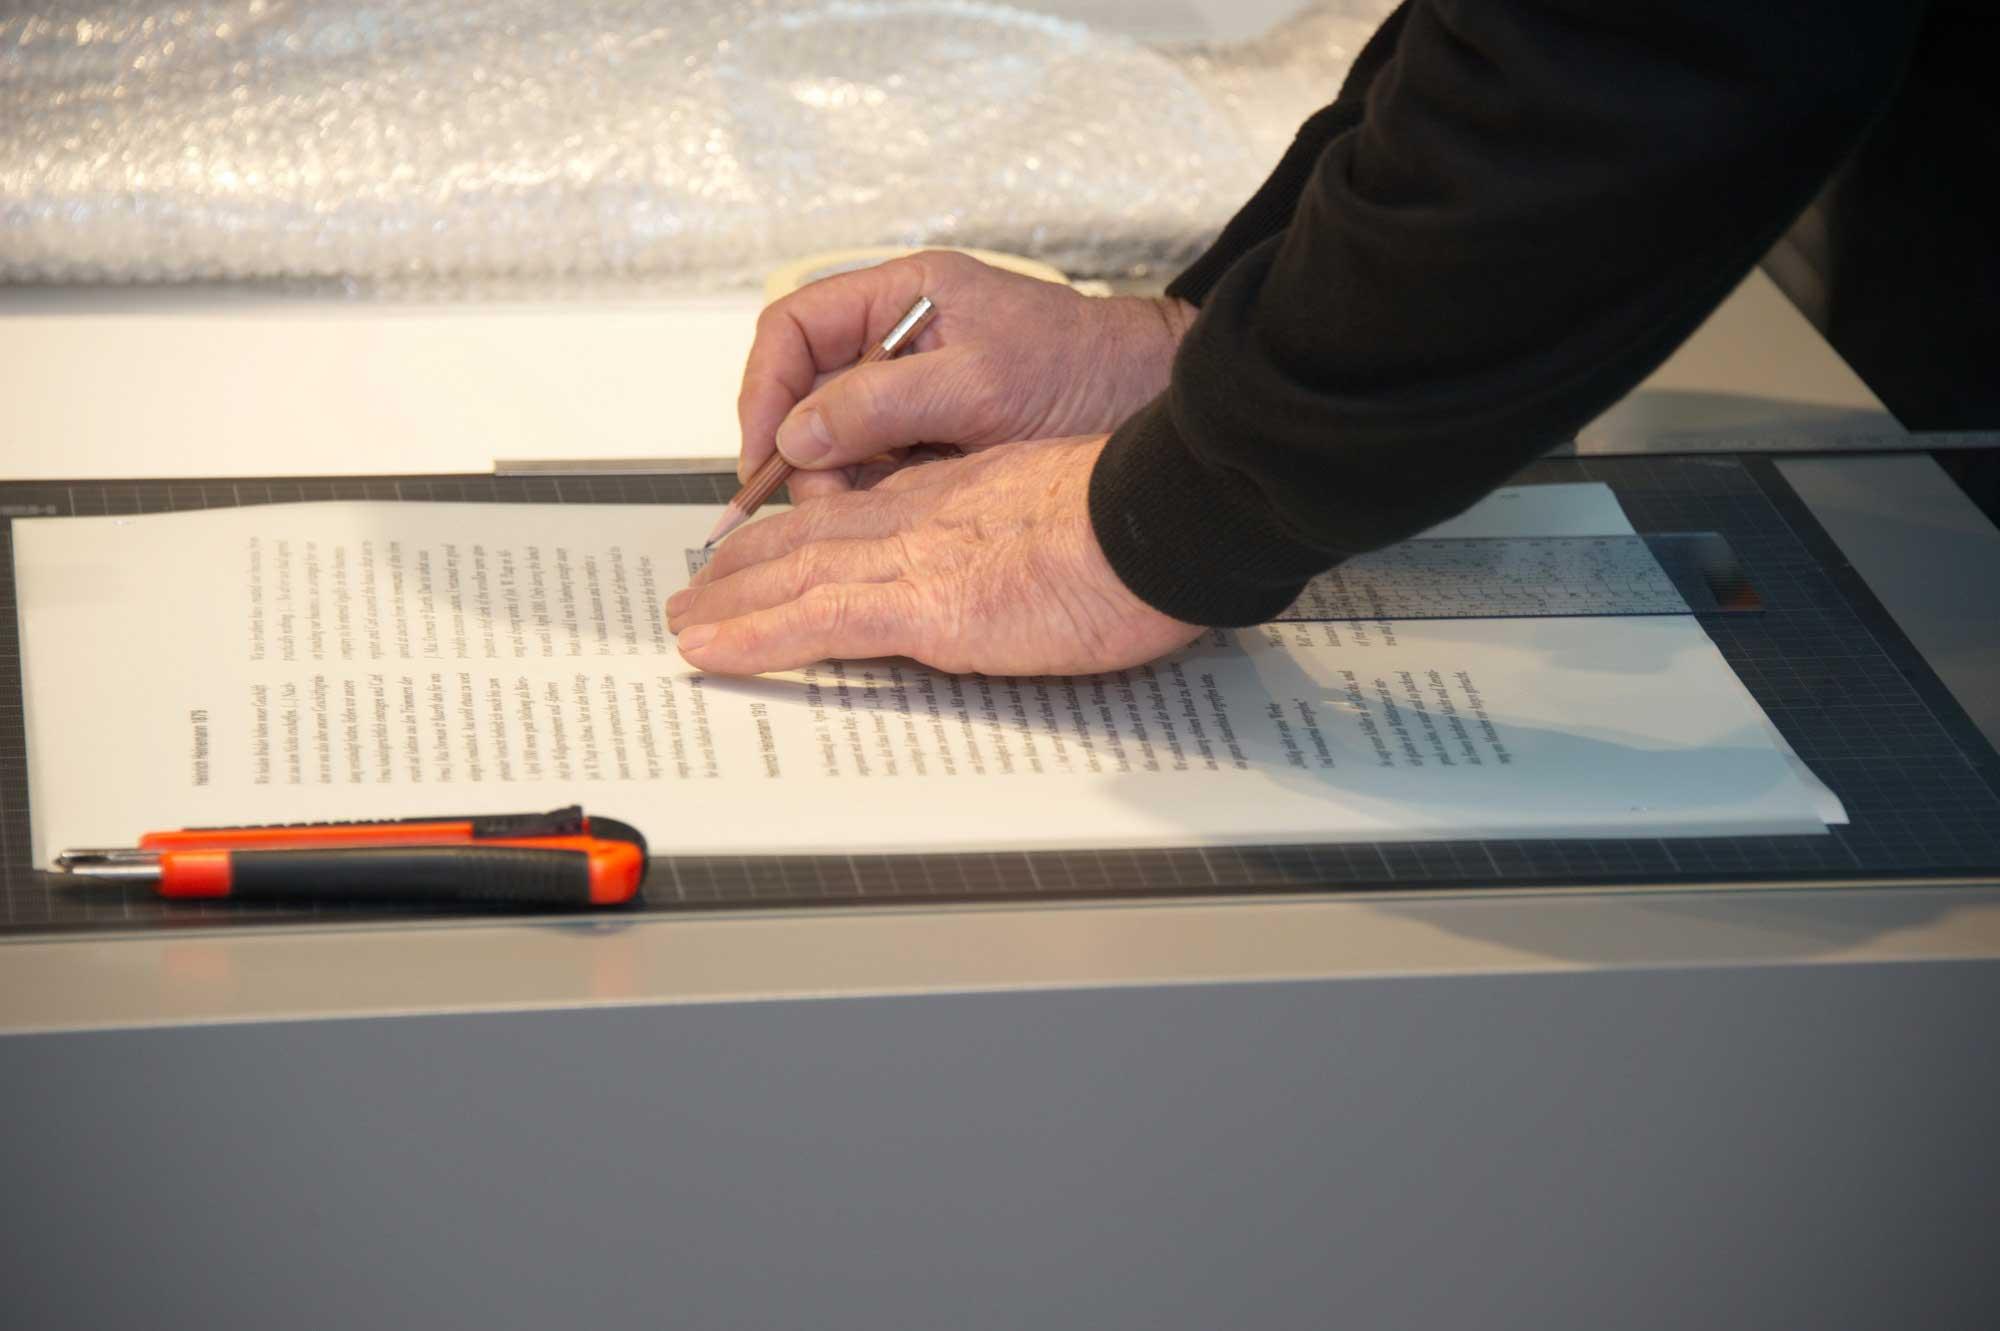 Übertragung von Siebdruckschriften © Atelier Haase - Foto: Katharina Hansen-Gluschitz